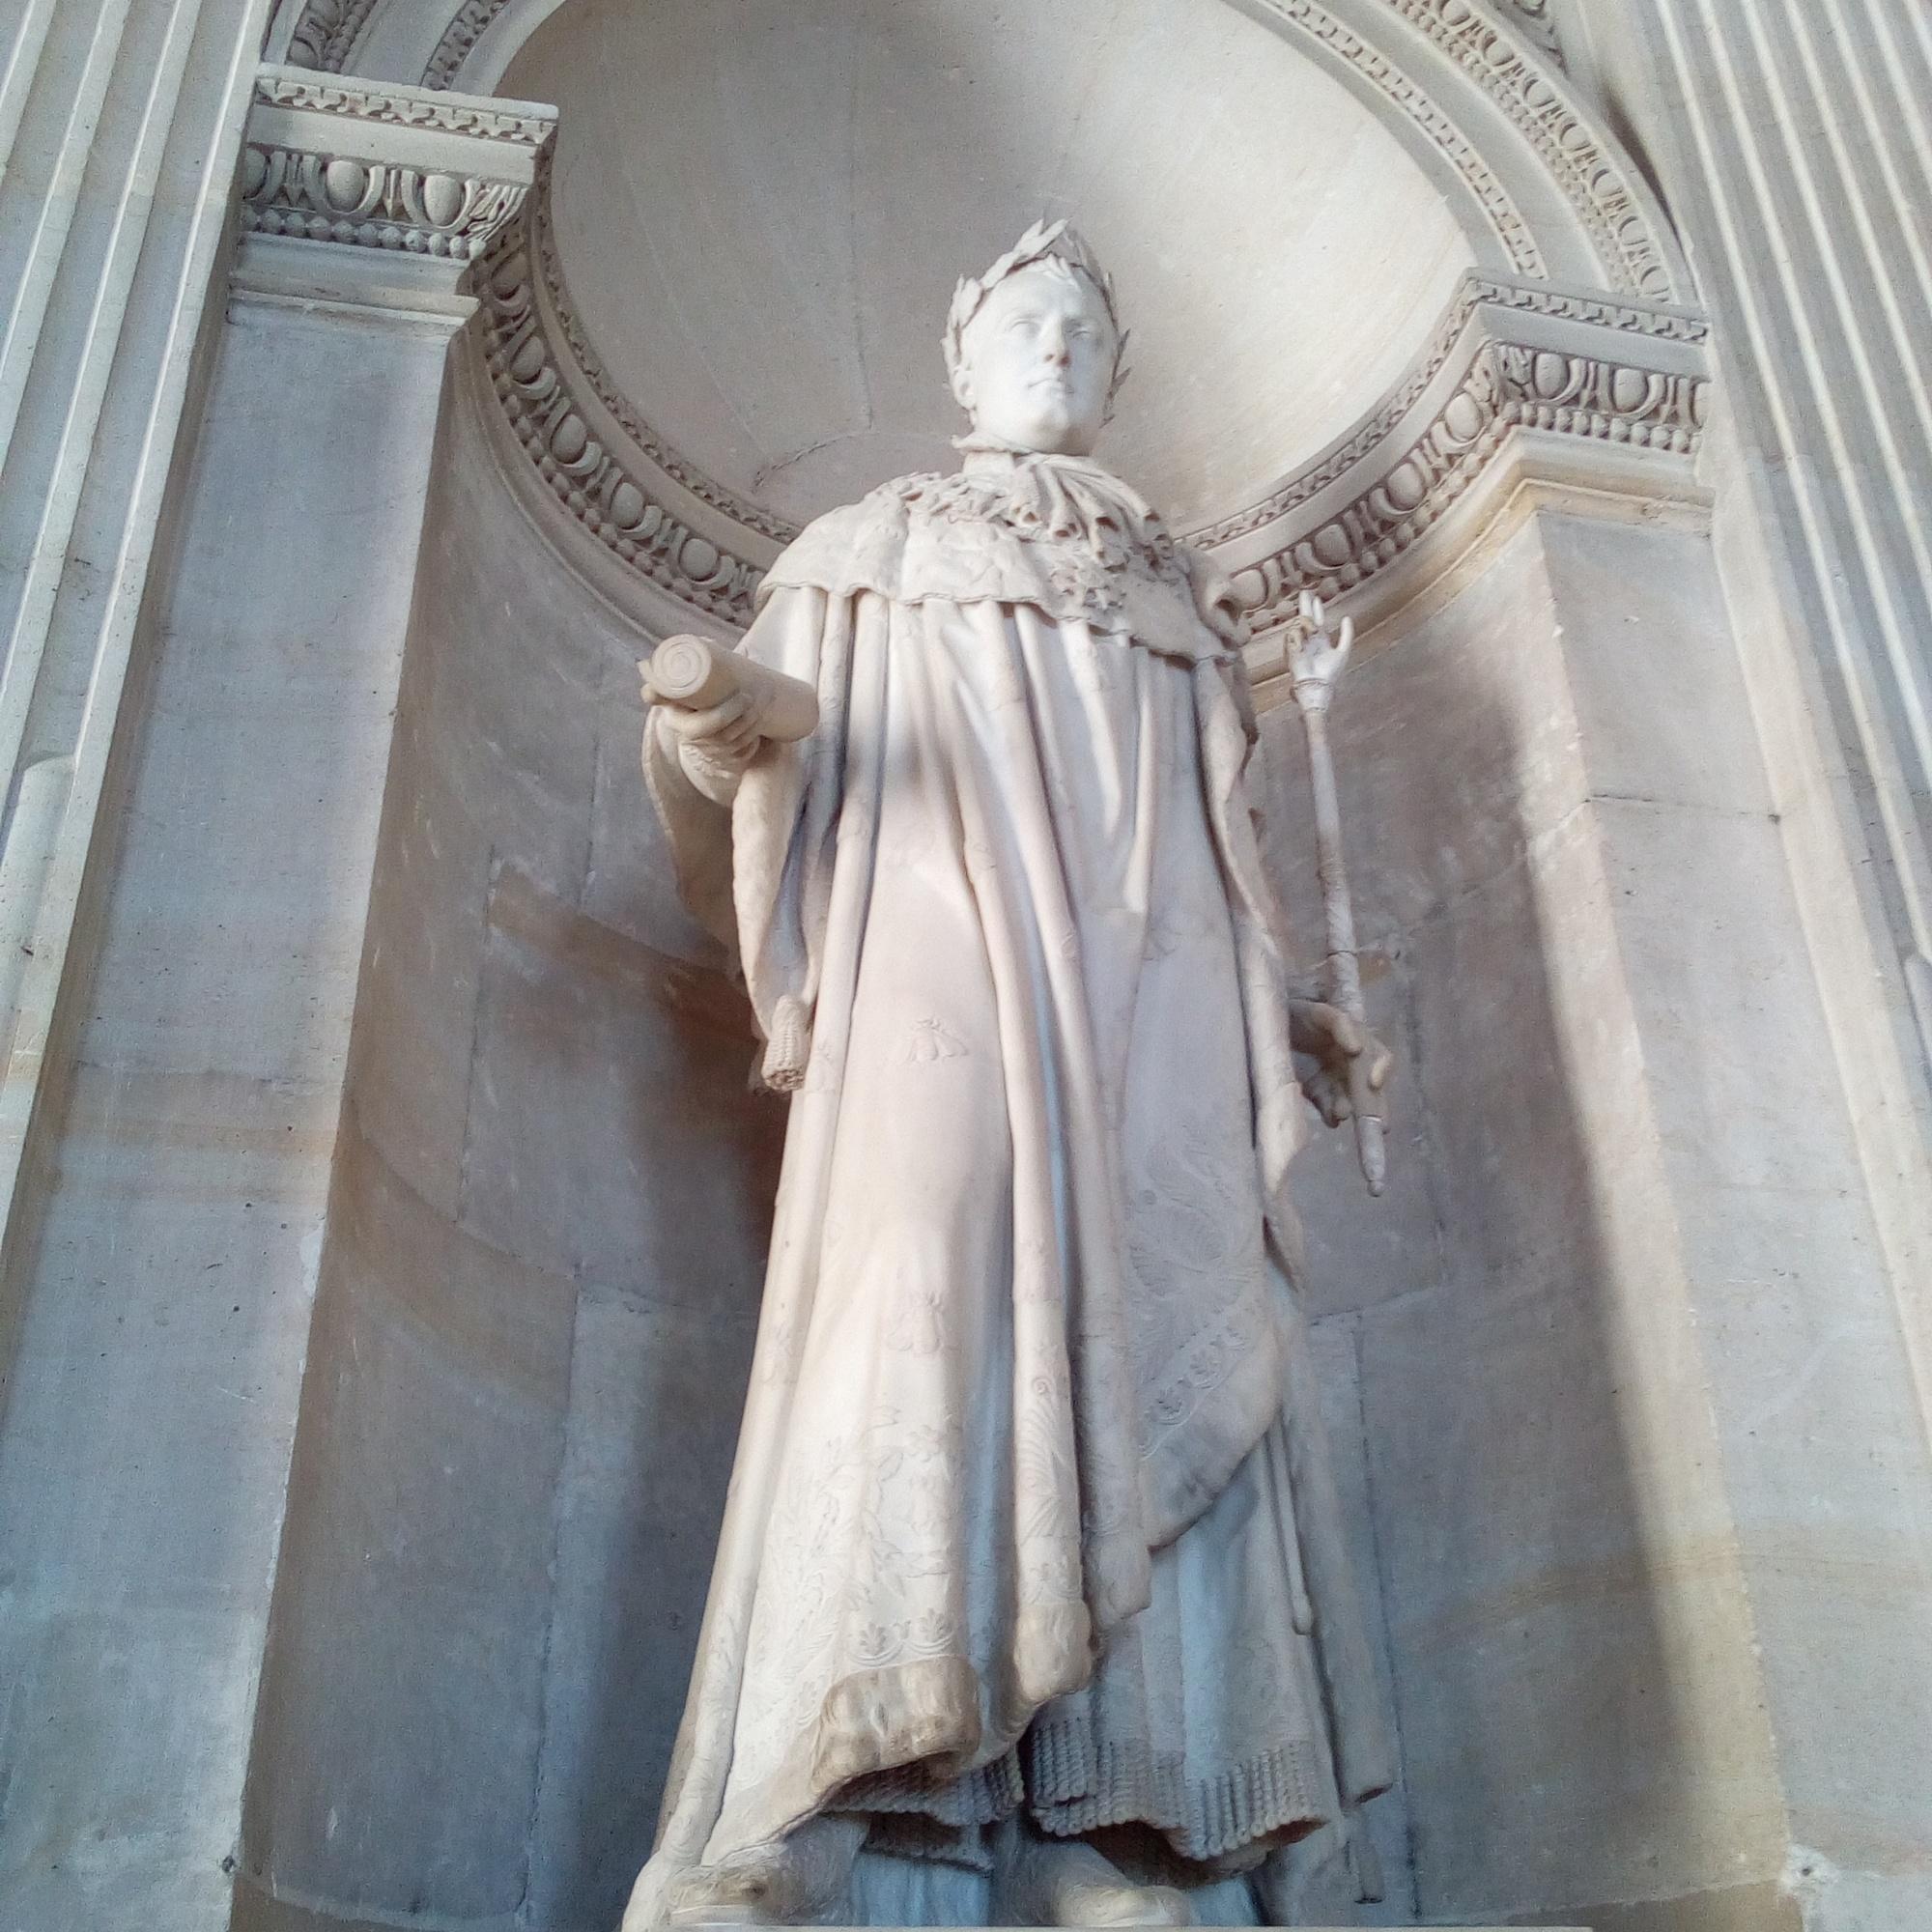 Galerie des Batailles du château de Versailles, Napoléon Ier